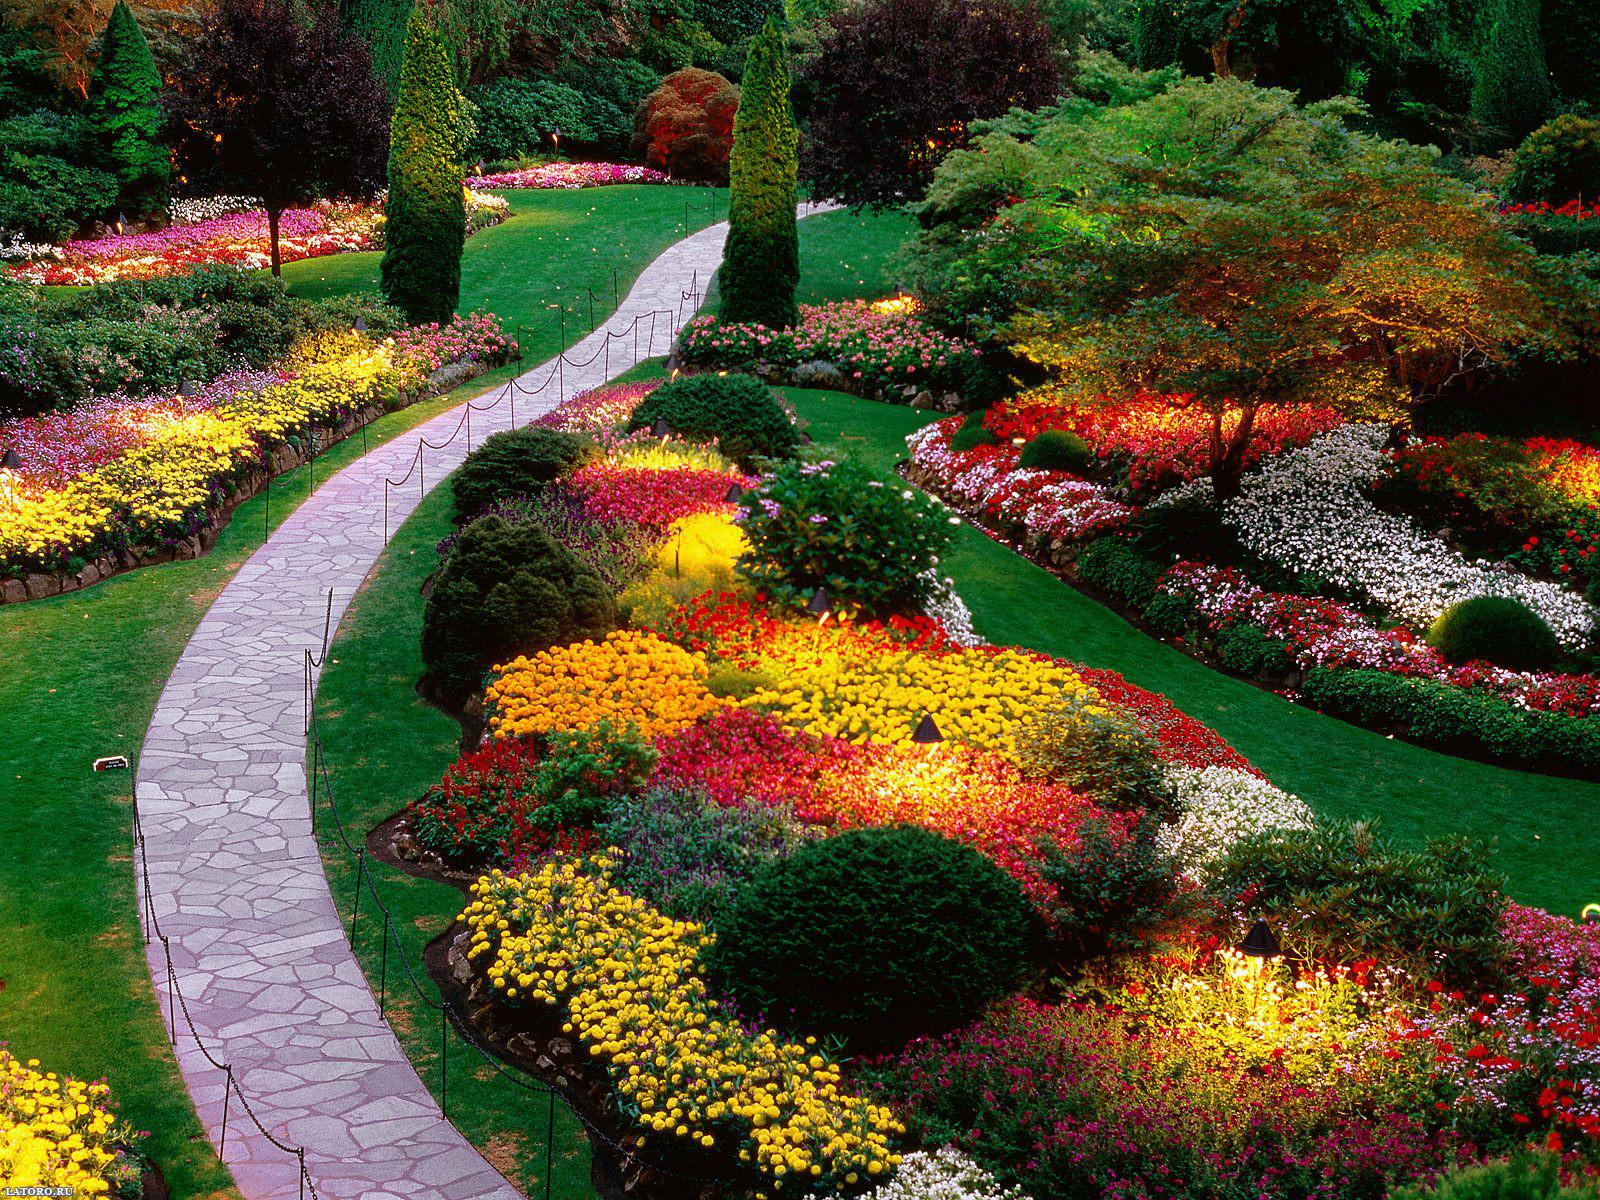 Sunken Garden Desktop Wallpapers FREE on Latorocom 1600x1200